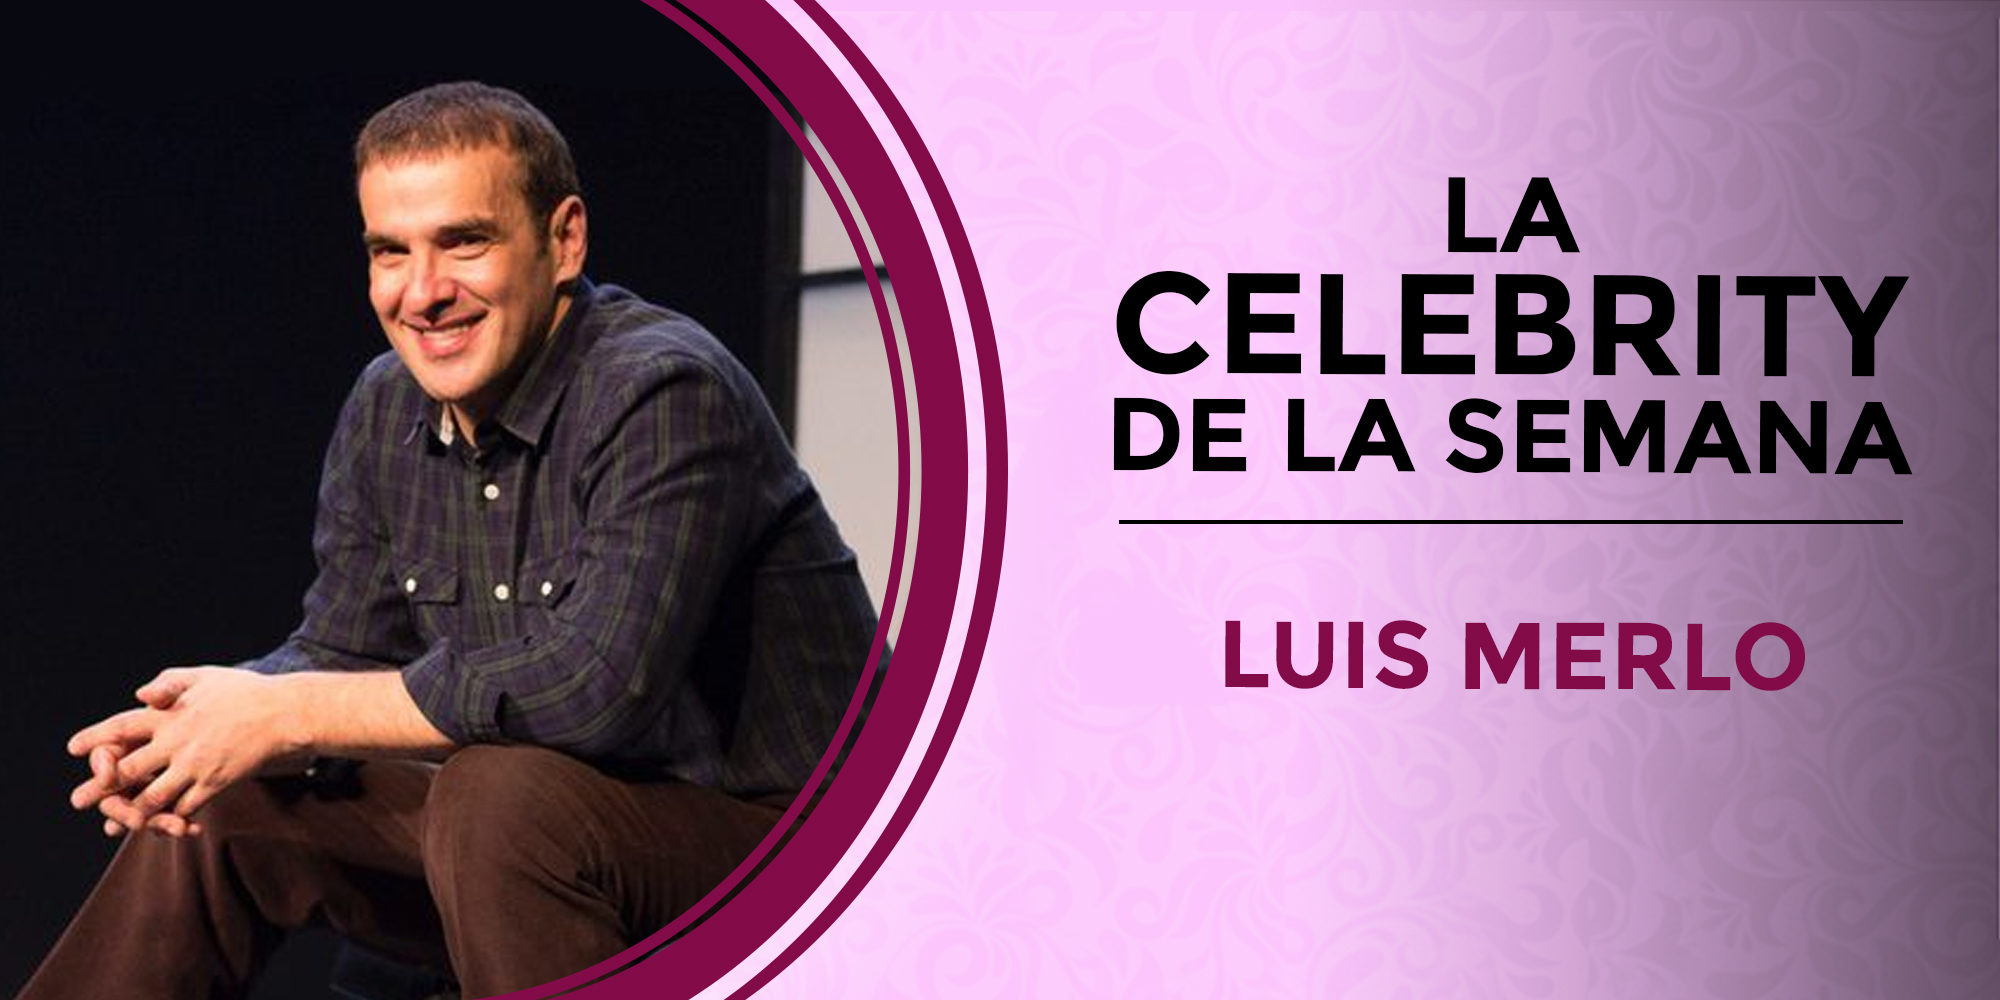 Luis Merlo se convierte en la celebrity de la semana por su ingreso hospitalario y su rápida recuperación